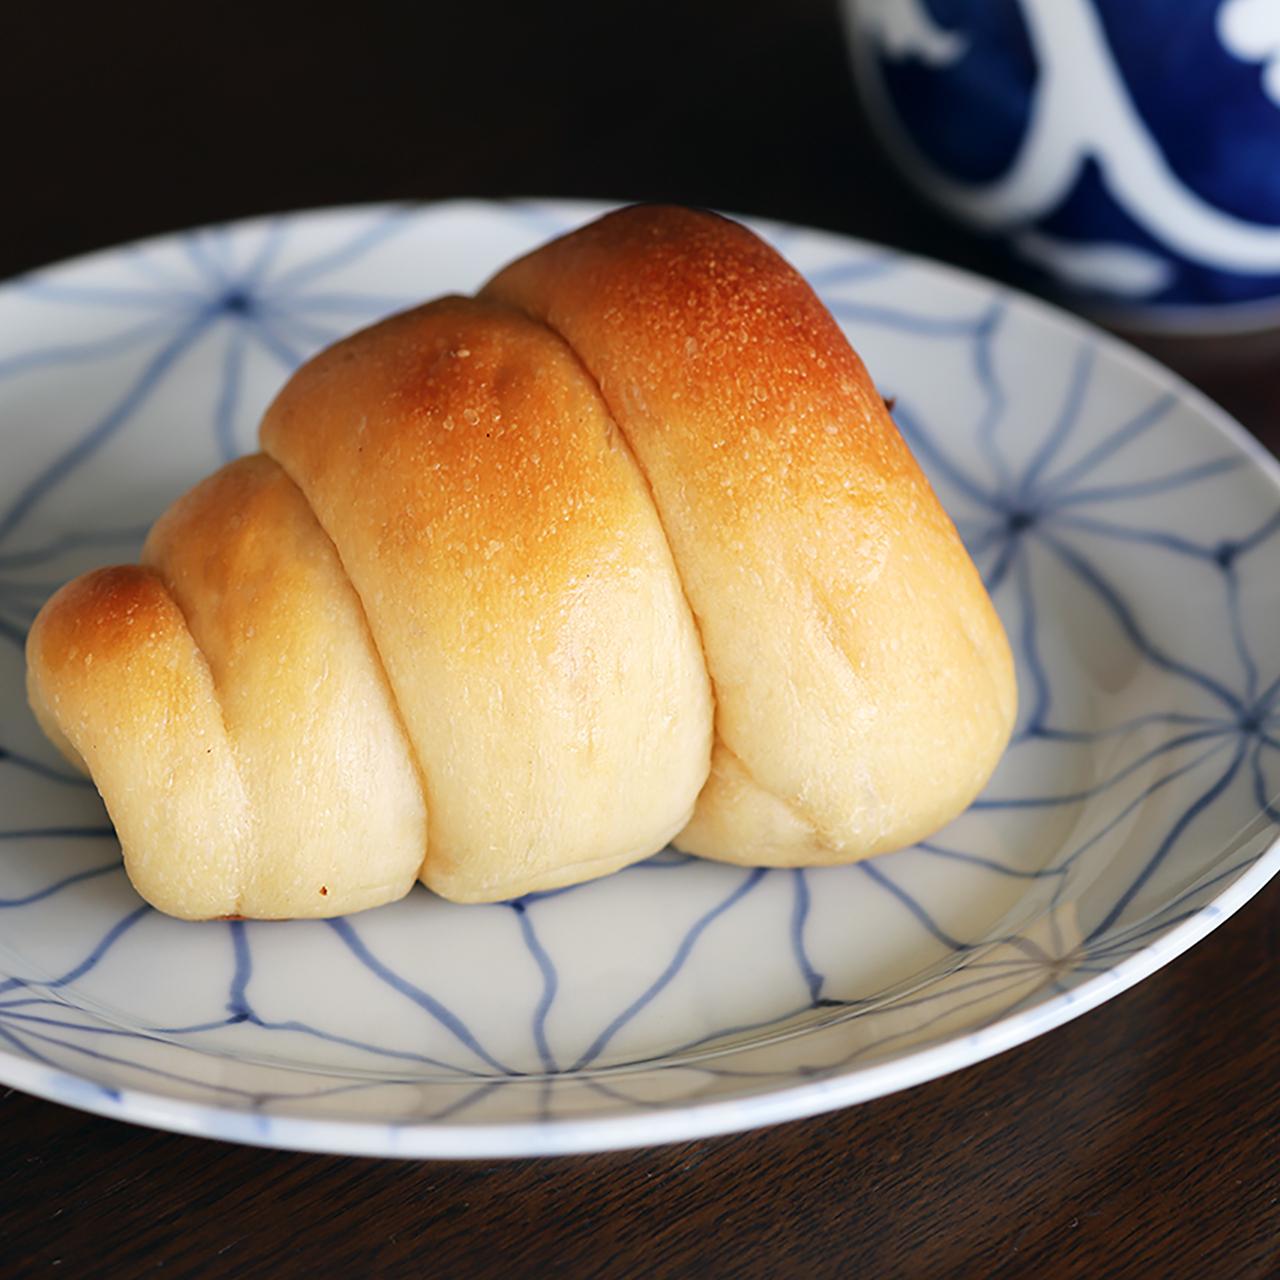 麻の葉 6寸皿 作:井手國博・与志郎窯(有田焼)